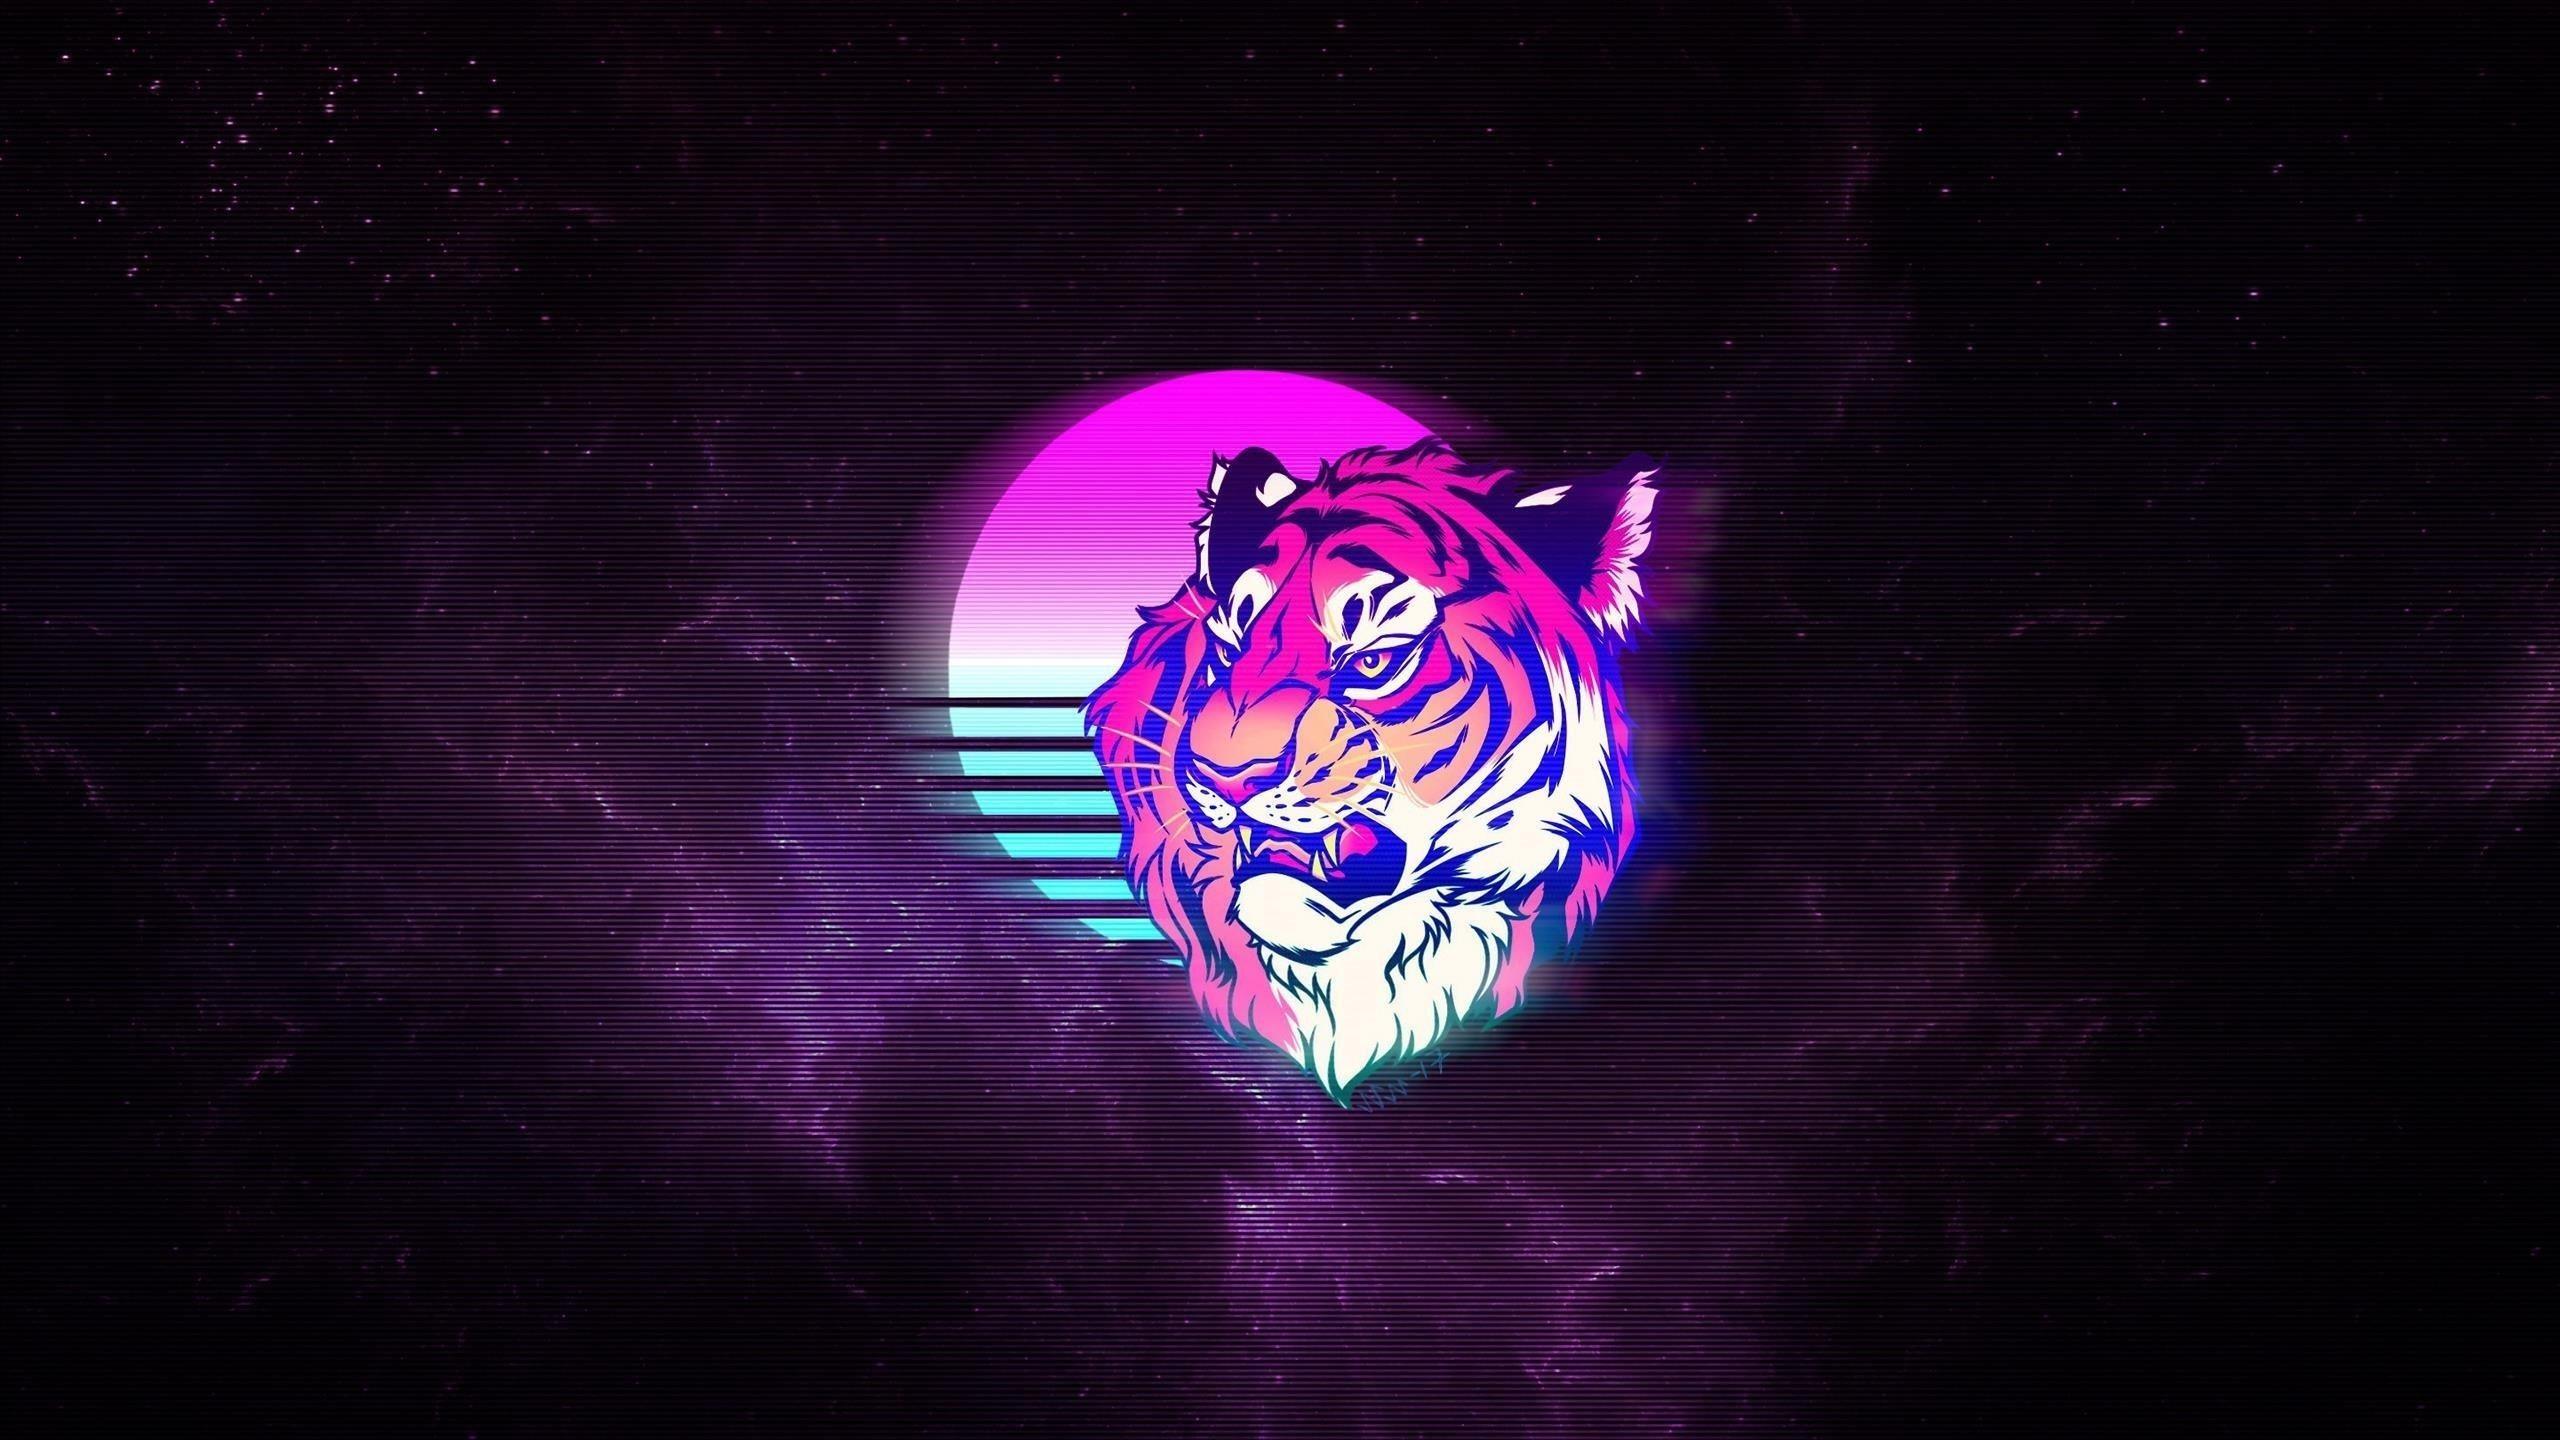 Тигр ретро неоновое искусство обои скачать